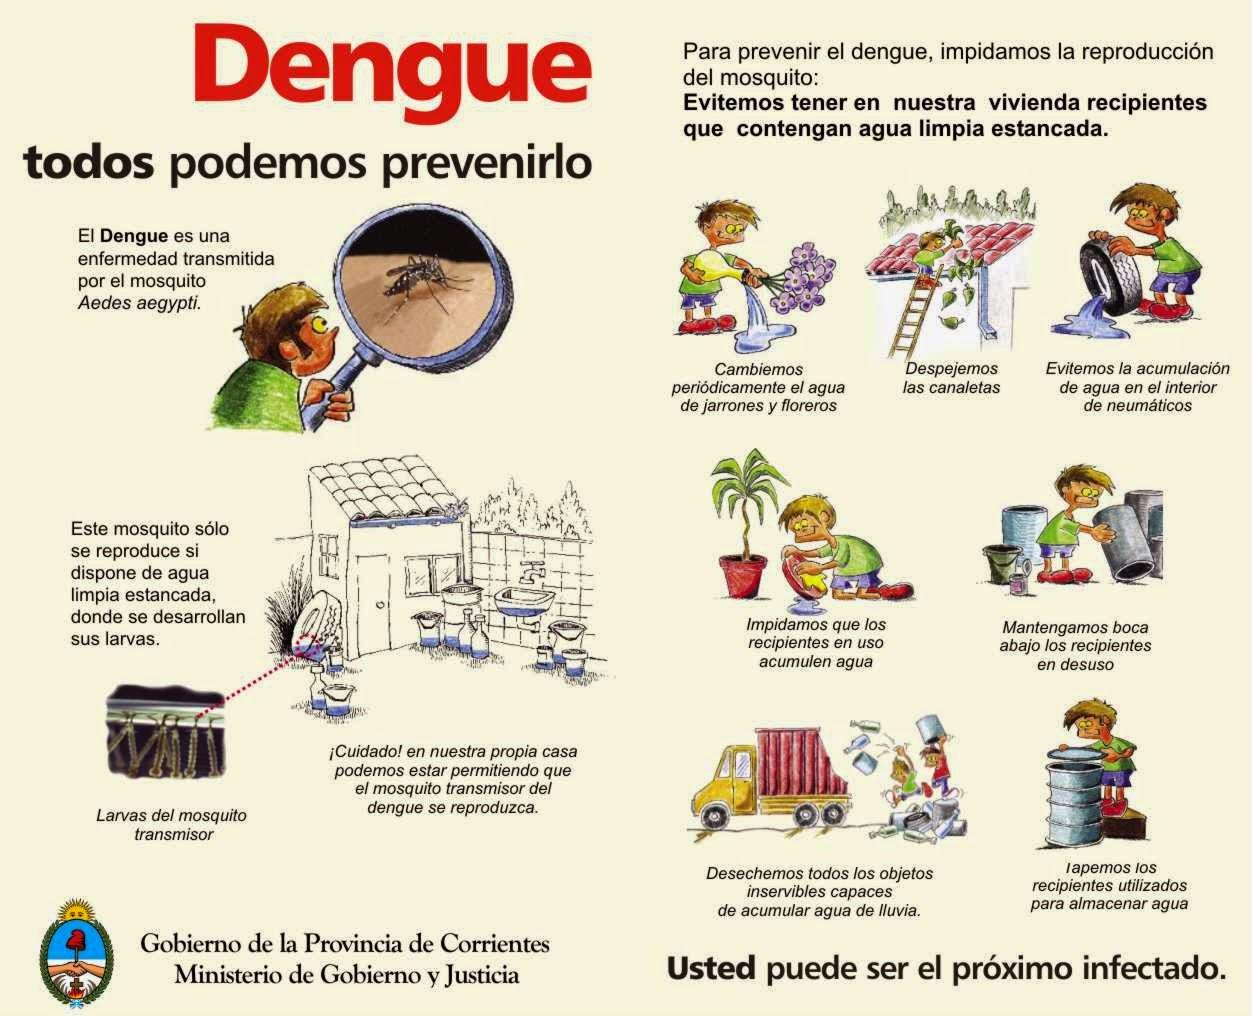 MOSQUITOS: Imágenes del mosquito del dengue